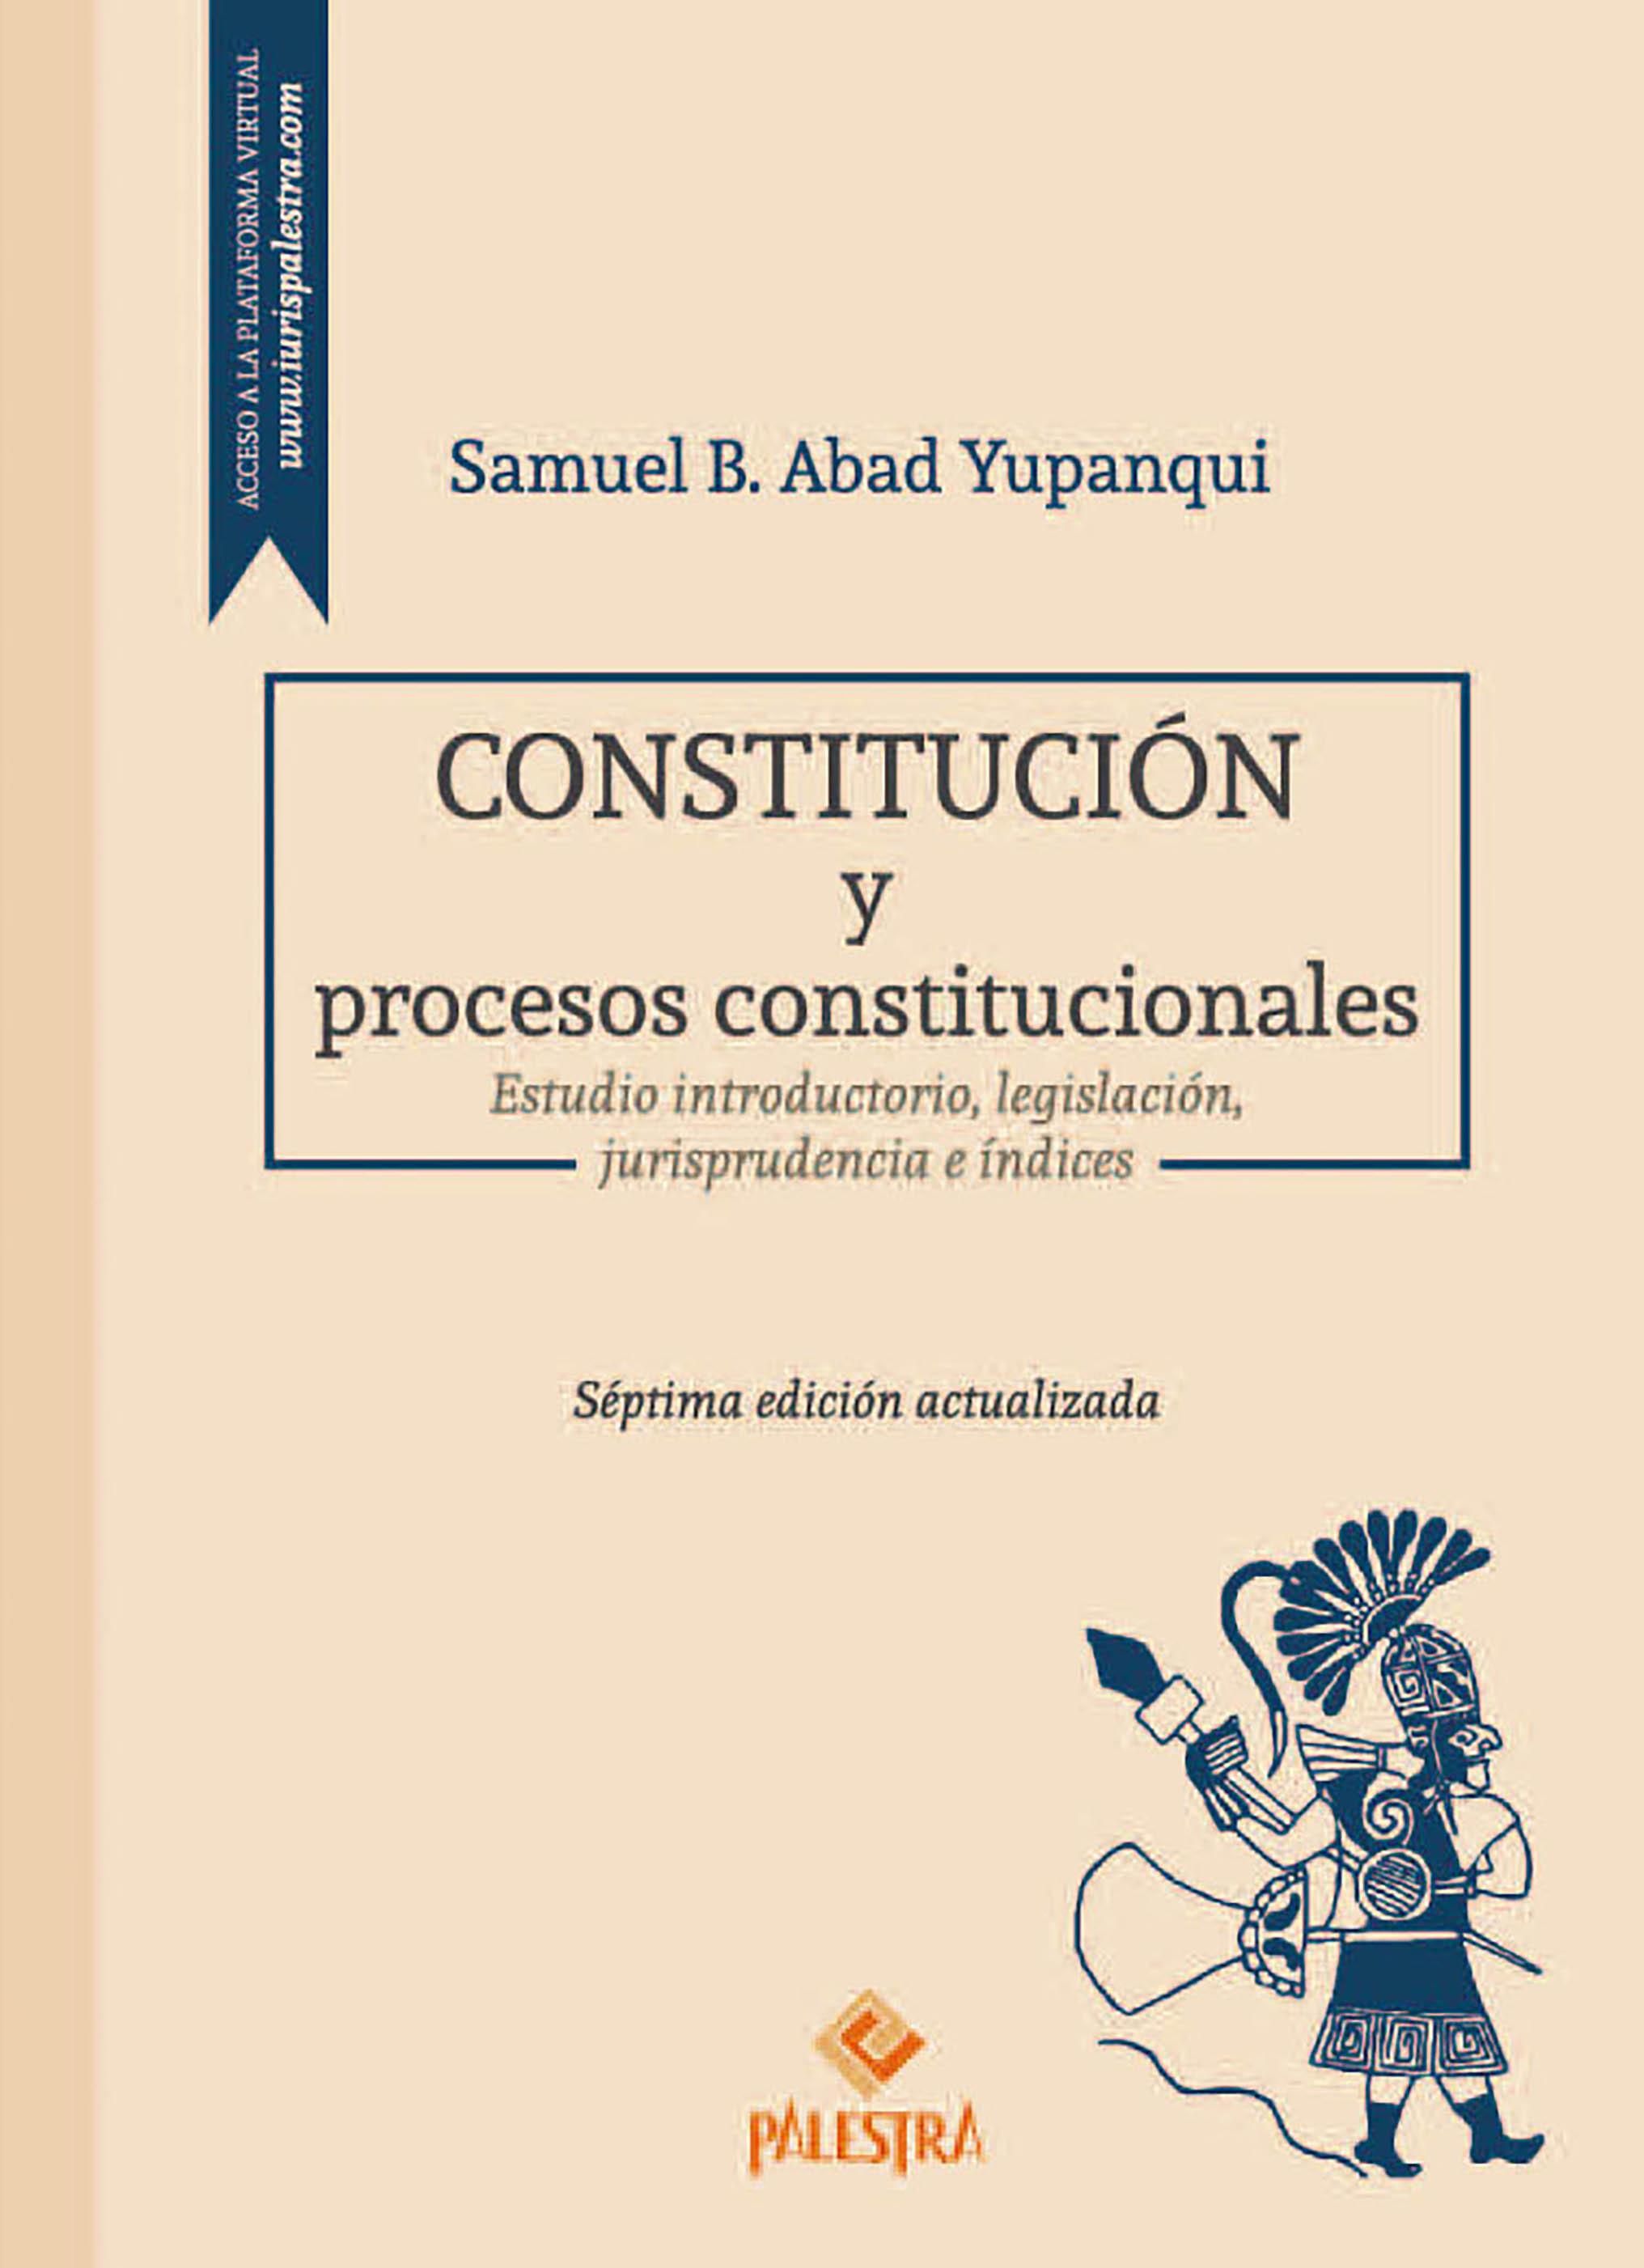 Constitución y procesos constitucionales